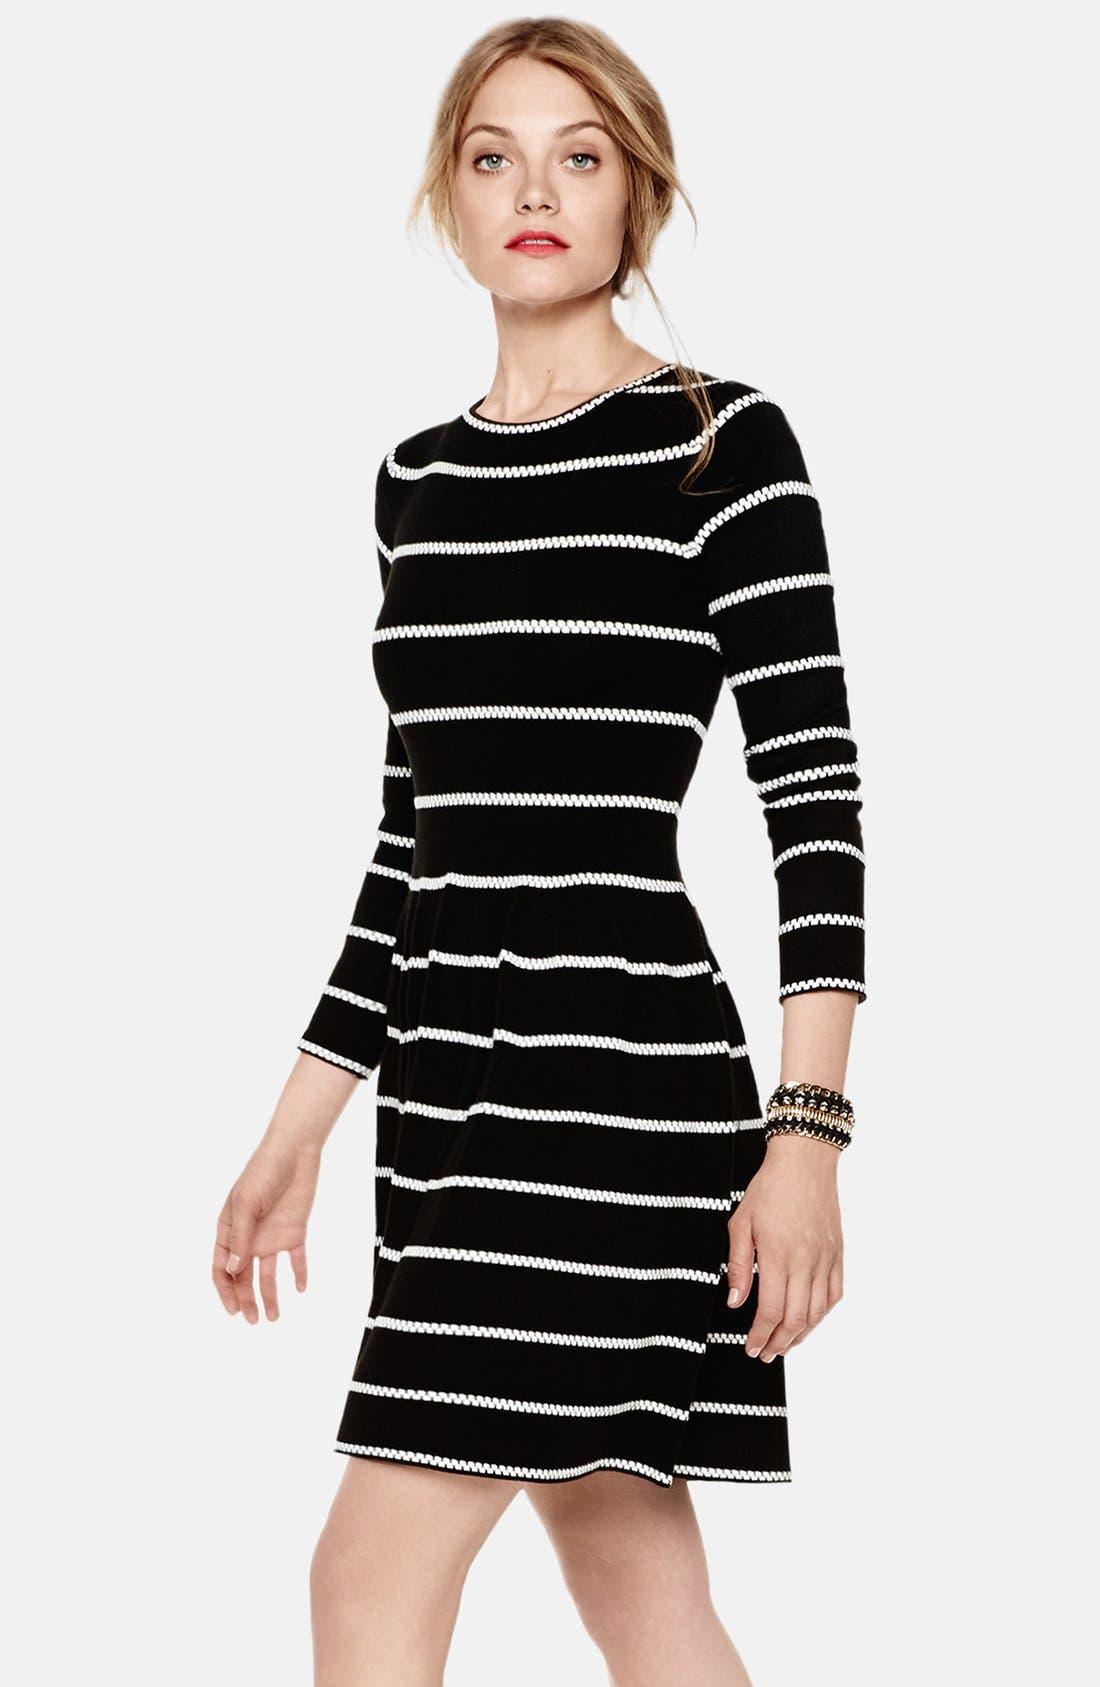 Alternate Image 1 Selected - Eliza J Knit Fit & Flare Dress